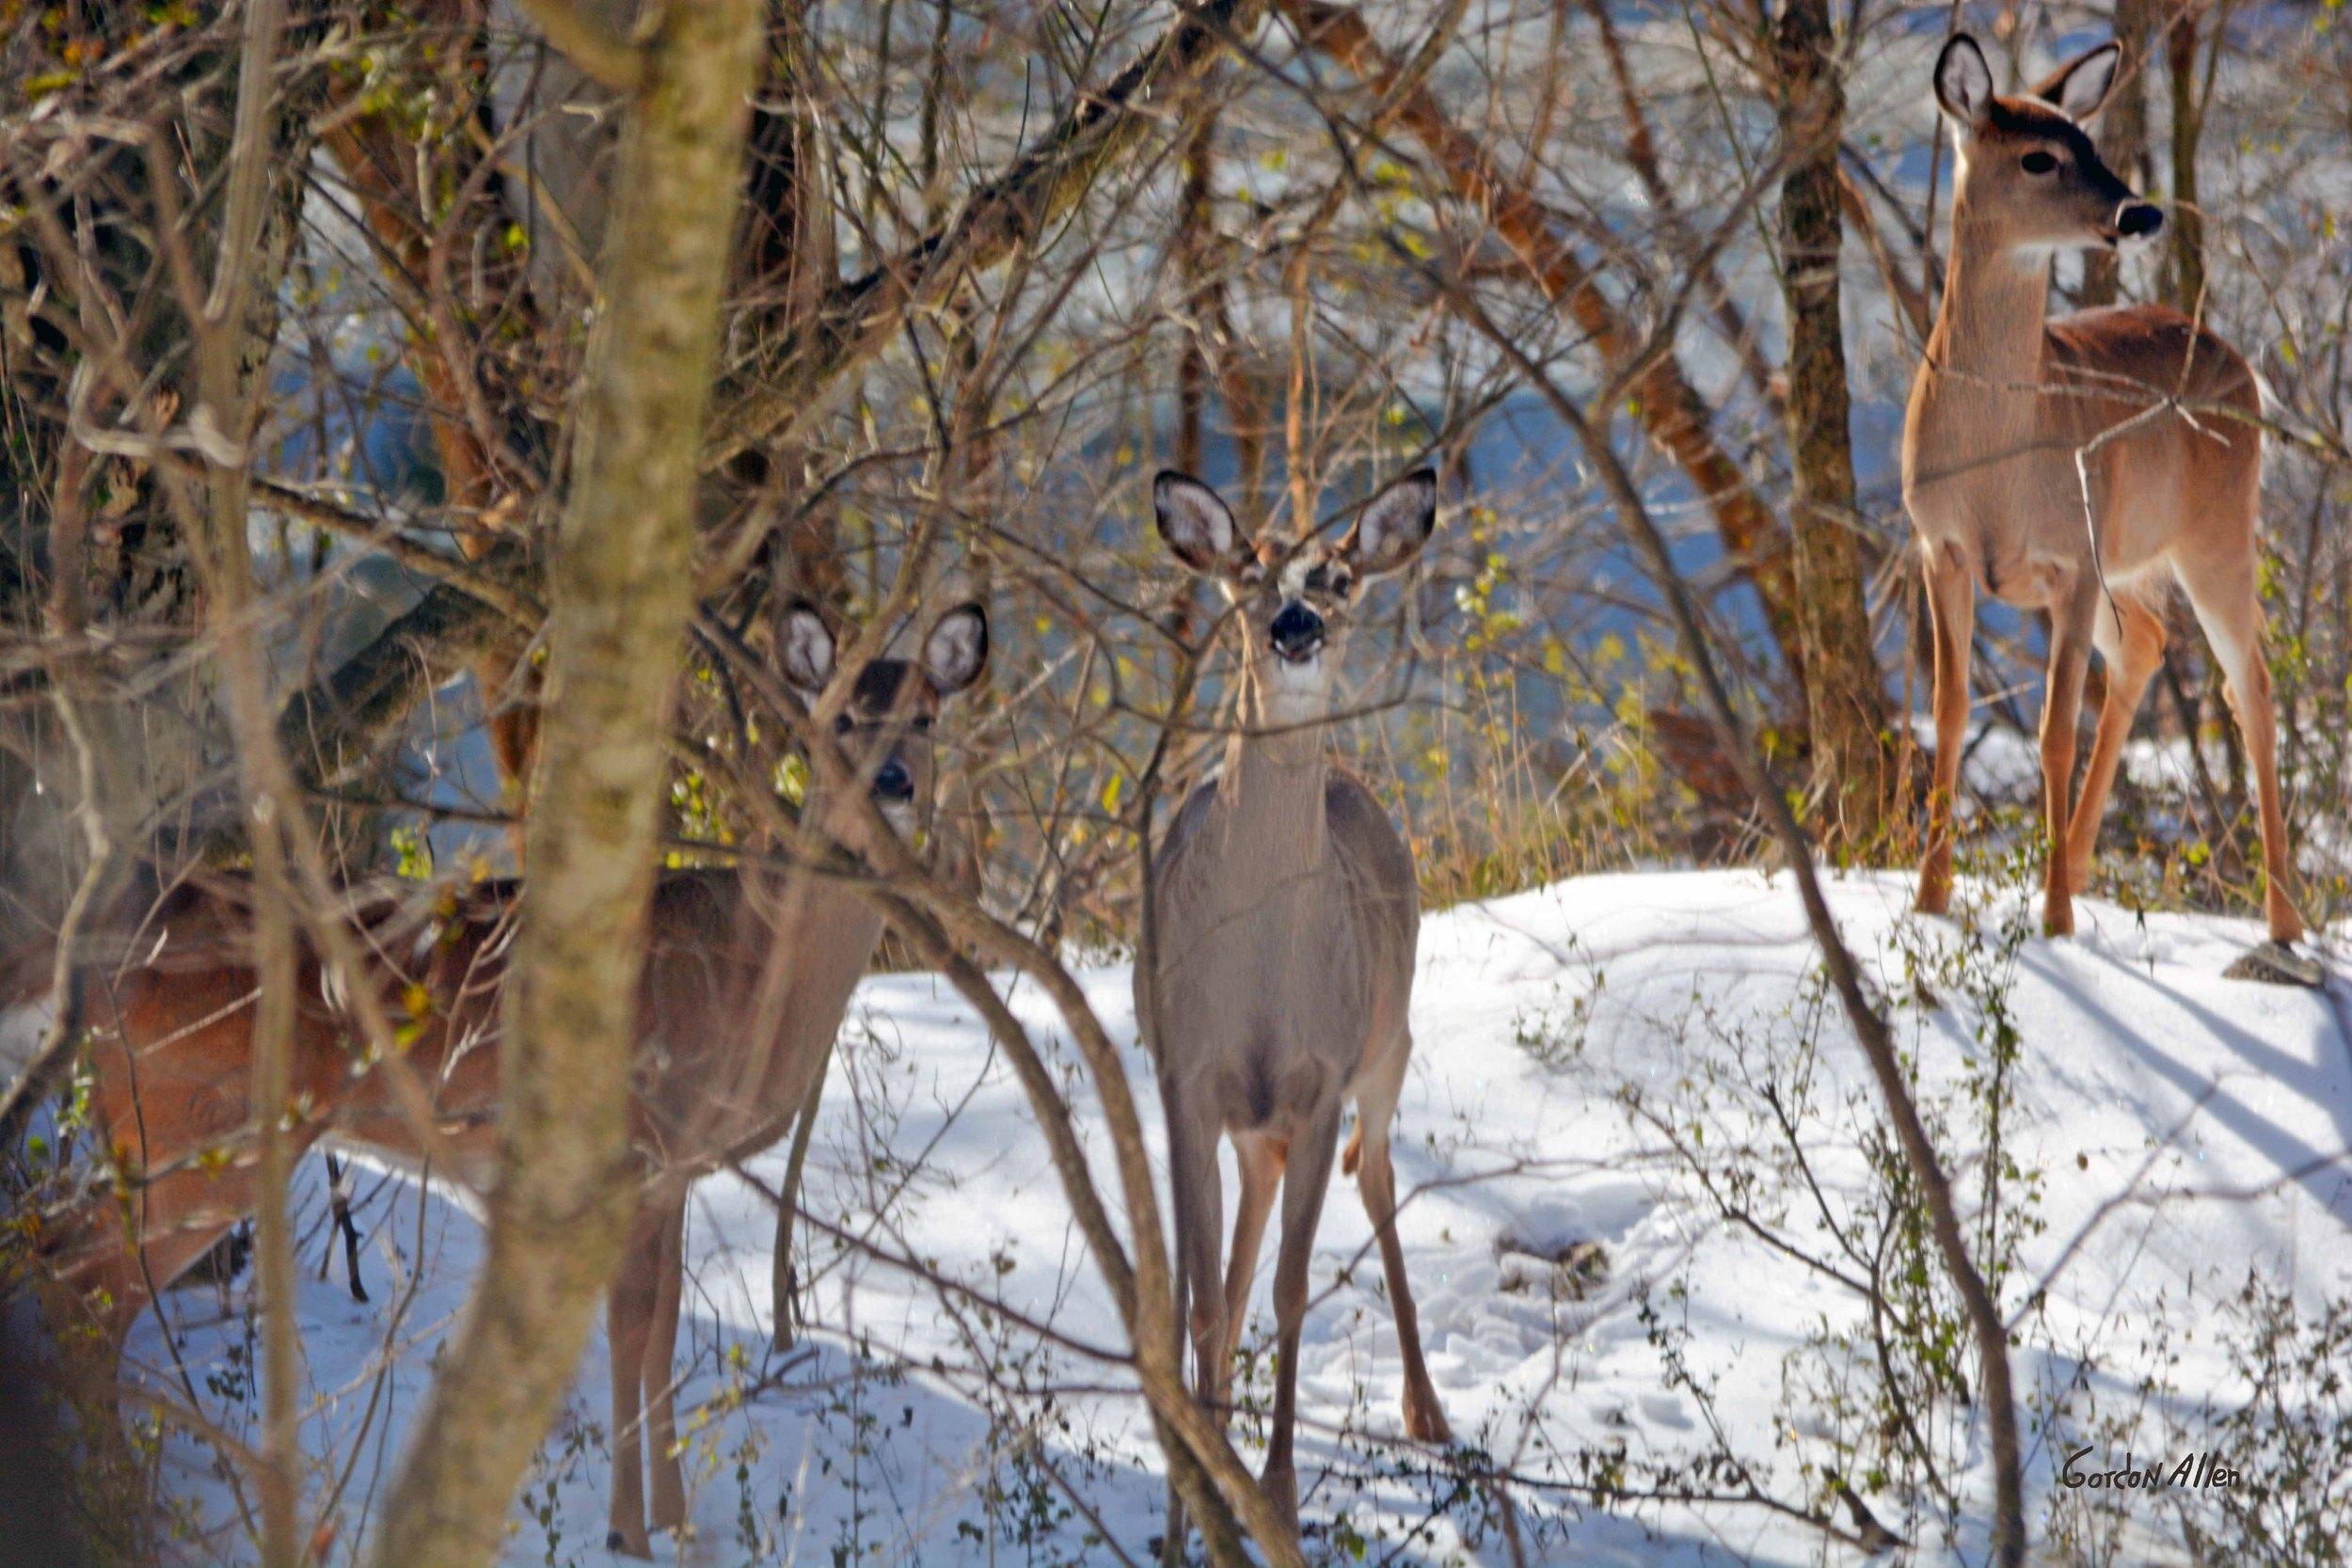 2574_Deer_trio_B-001 hi_res_gordonallen.jpg